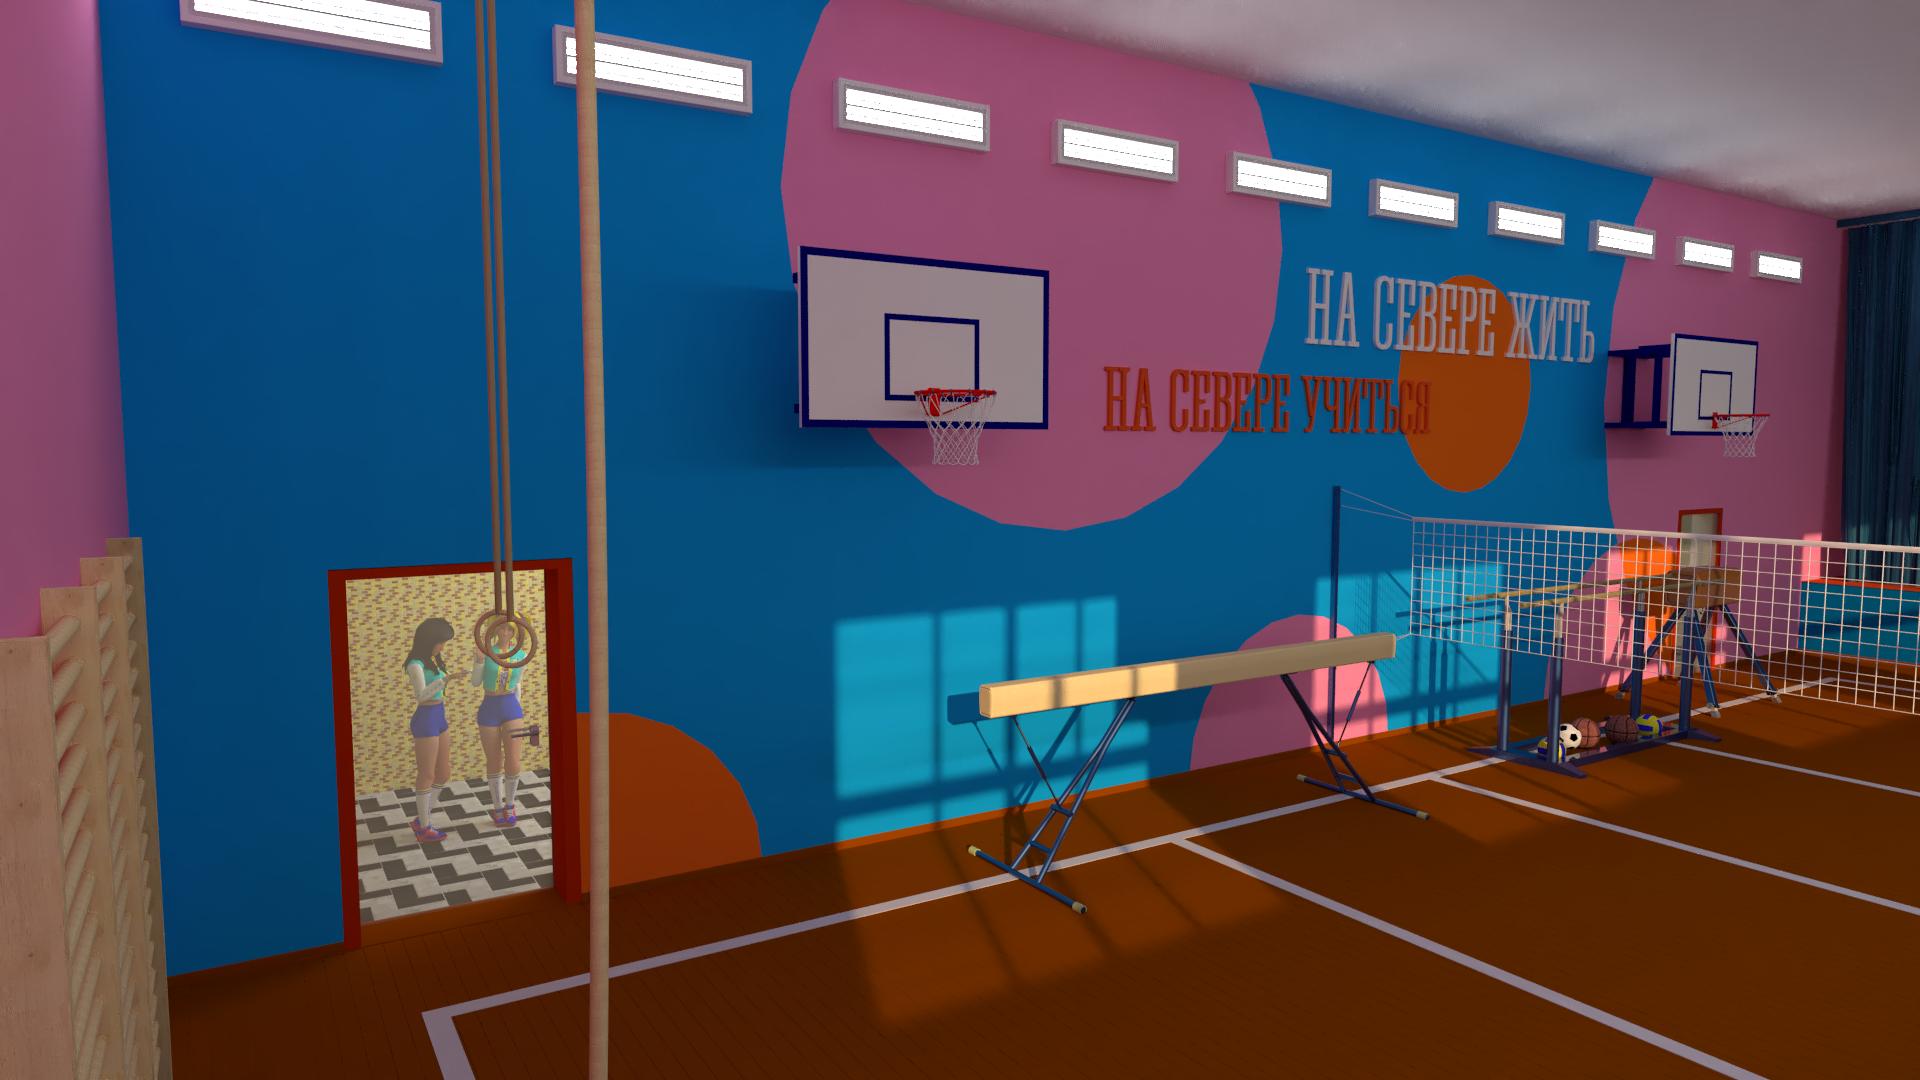 Спортзал: Длинная стена слева